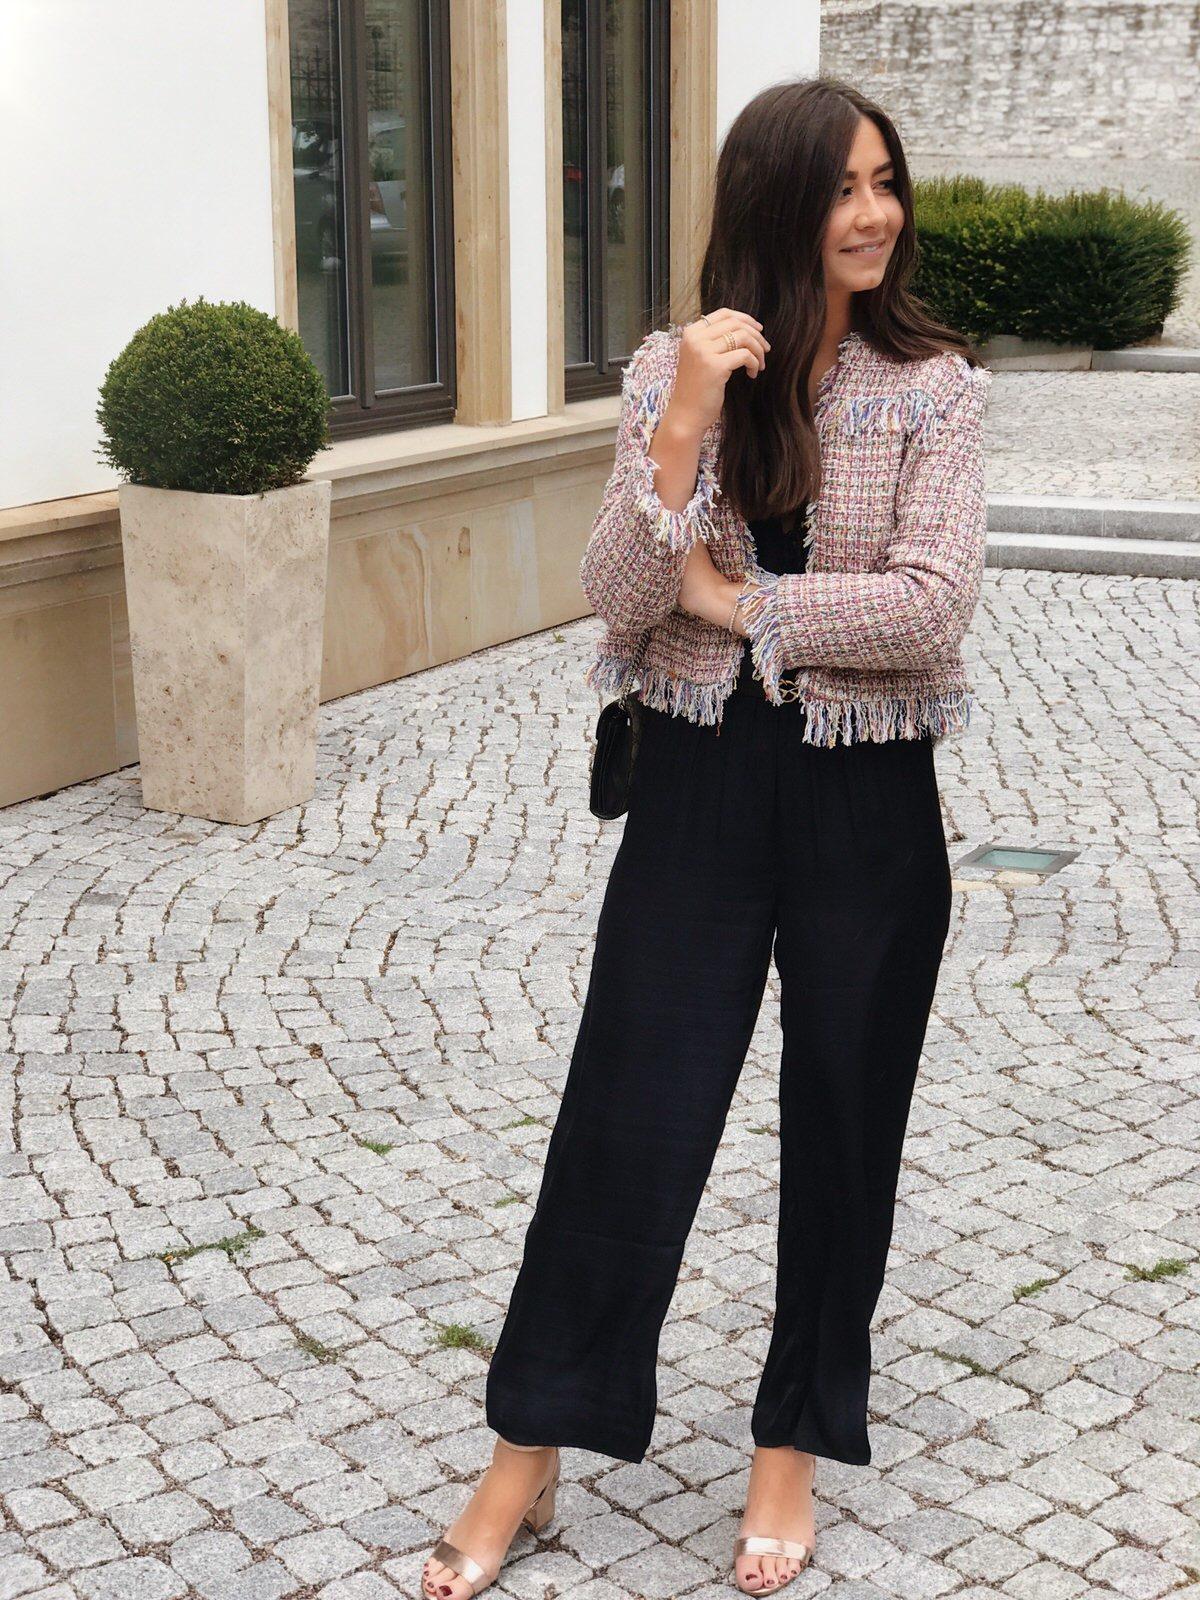 Veronique Sophie, Wochenrückblick, Bachelor, Abschluss, Universität Erfurt